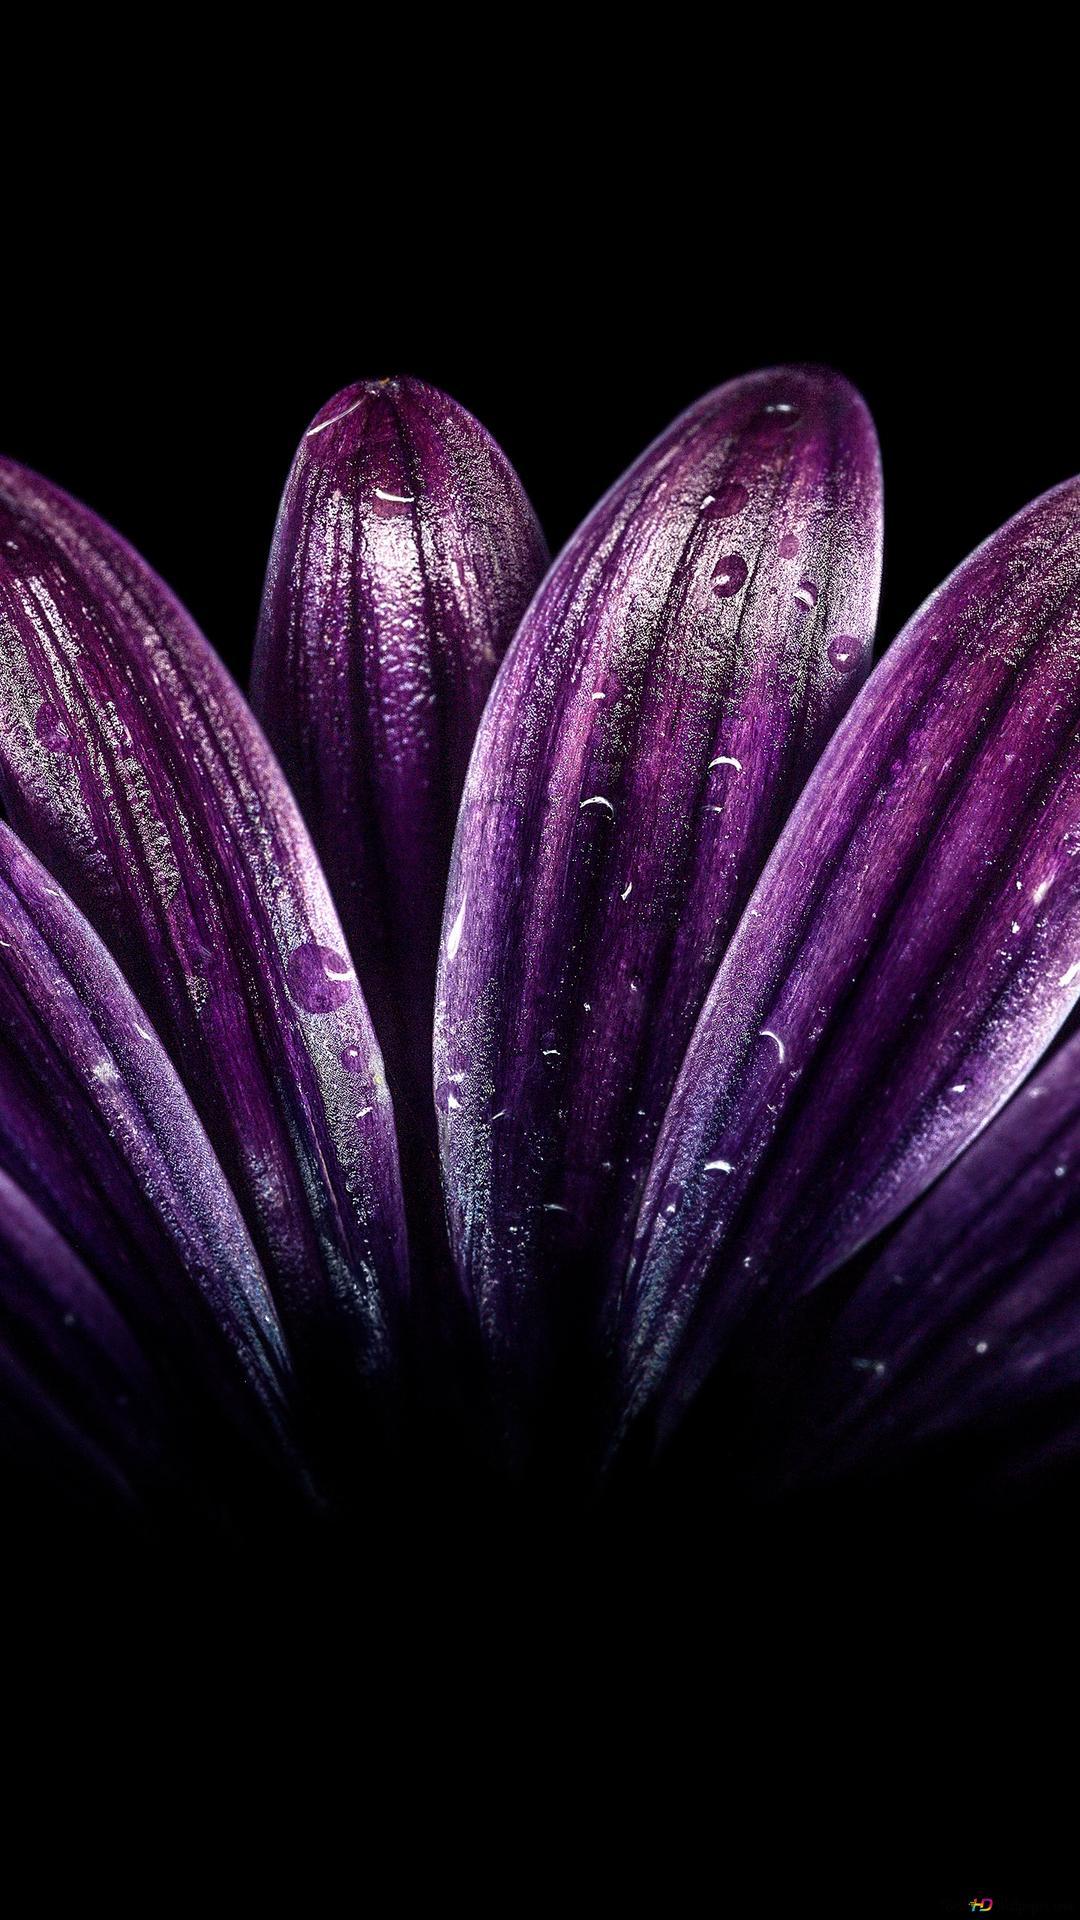 紫色の花びらの滴 Hd壁紙のダウンロード